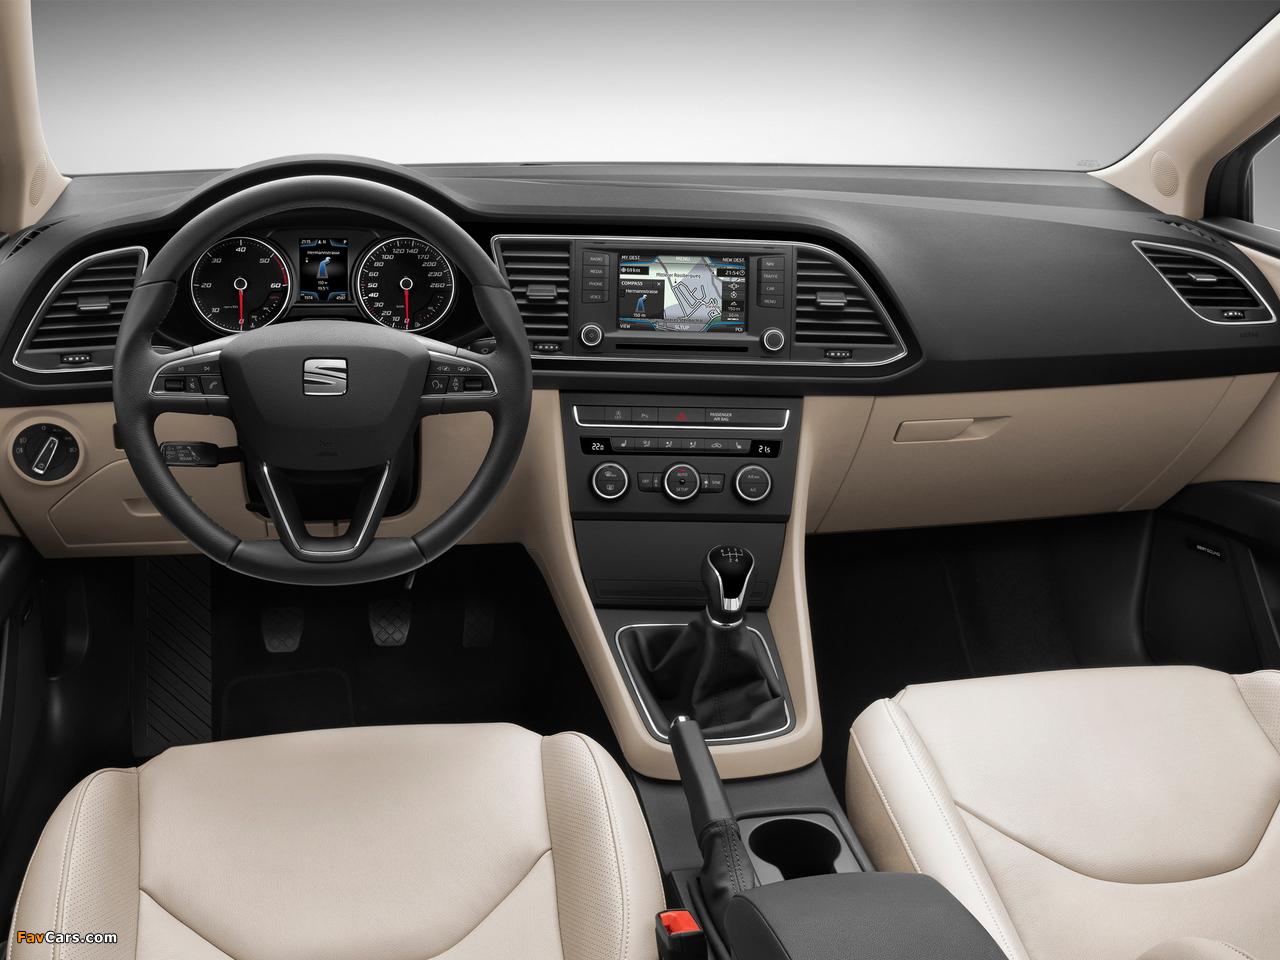 Seat Leon ST 2013 images (1280 x 960)